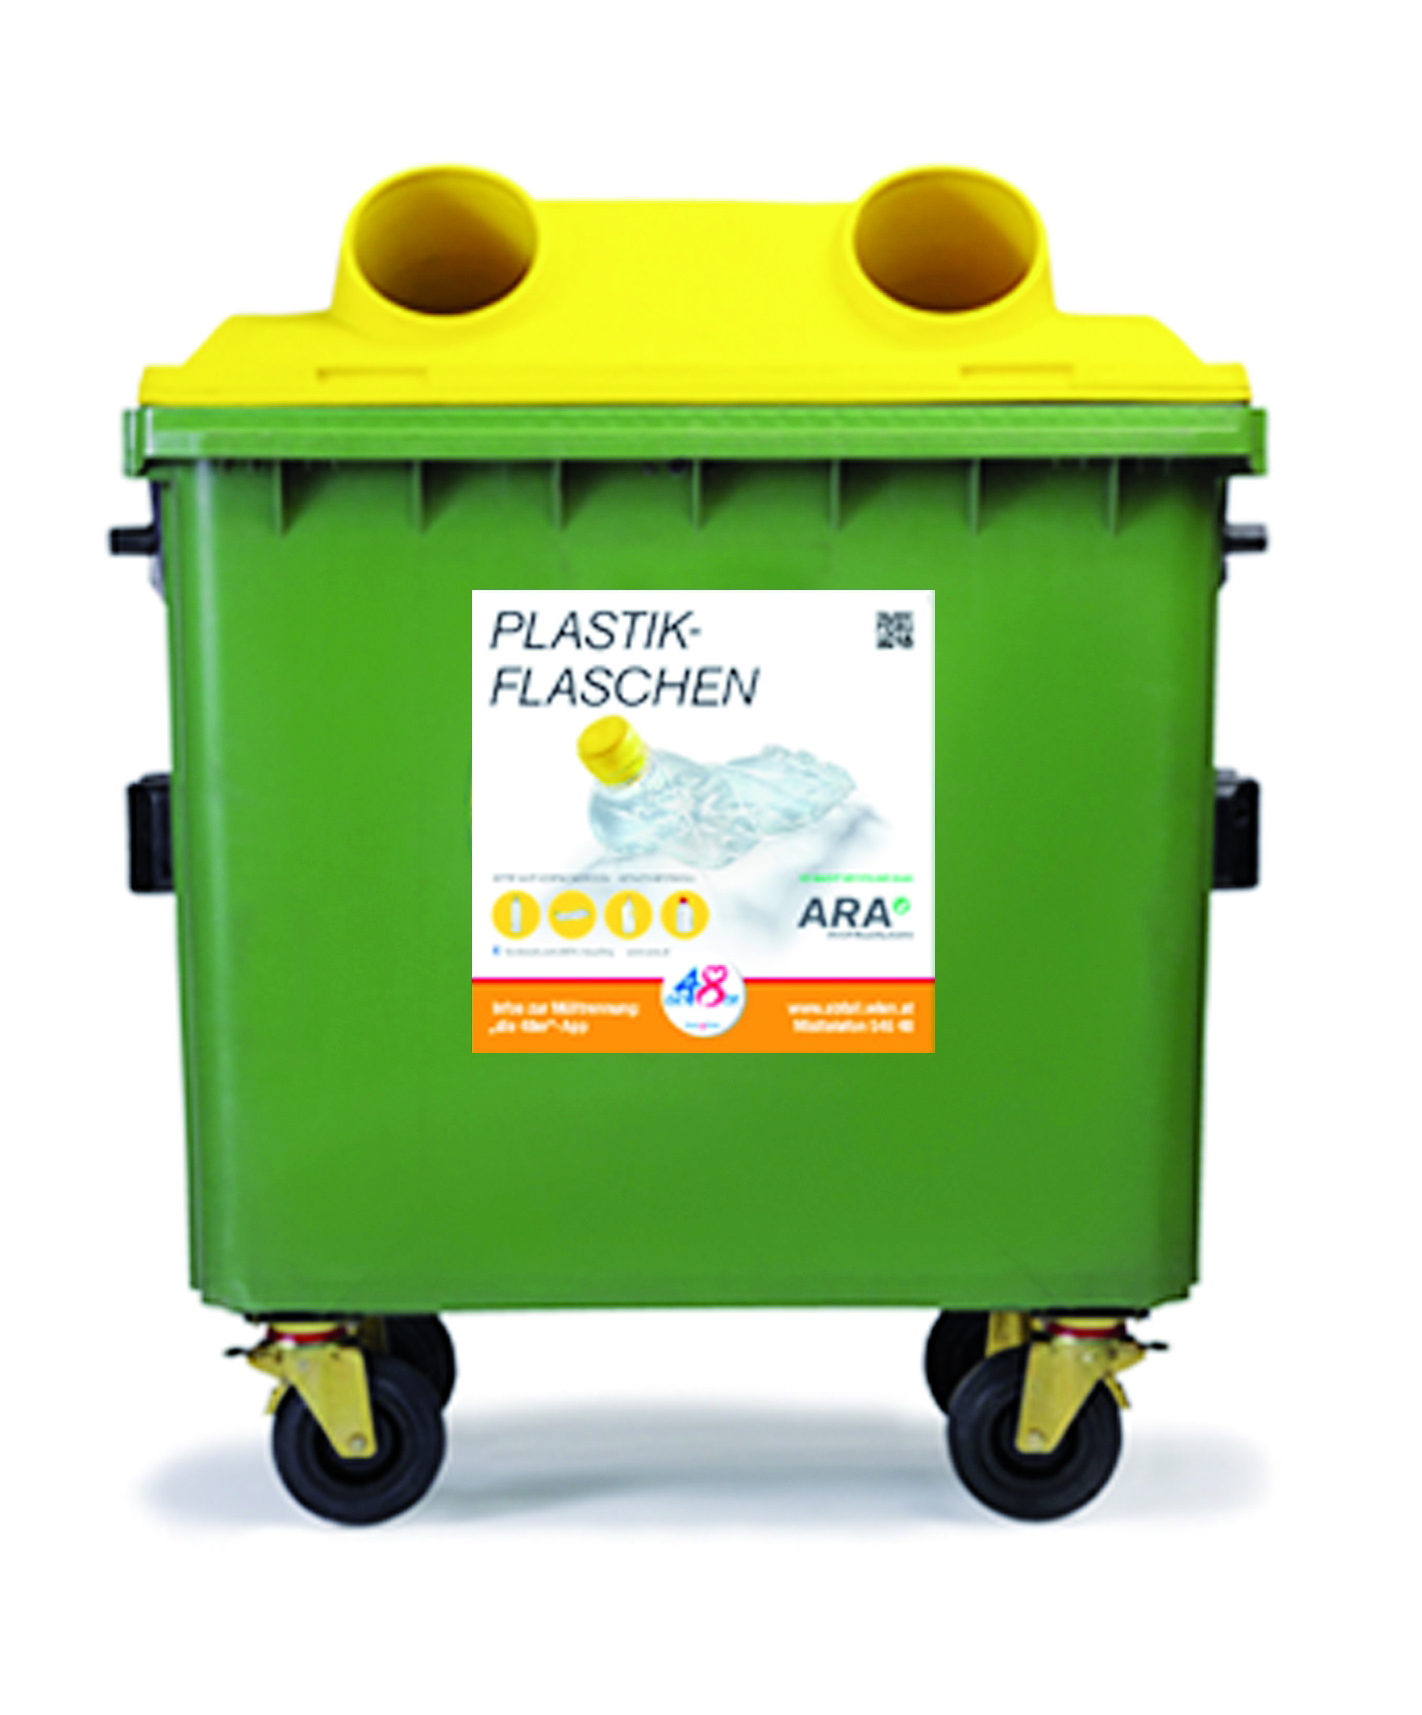 Gelbe Tonne für Plastikmüll